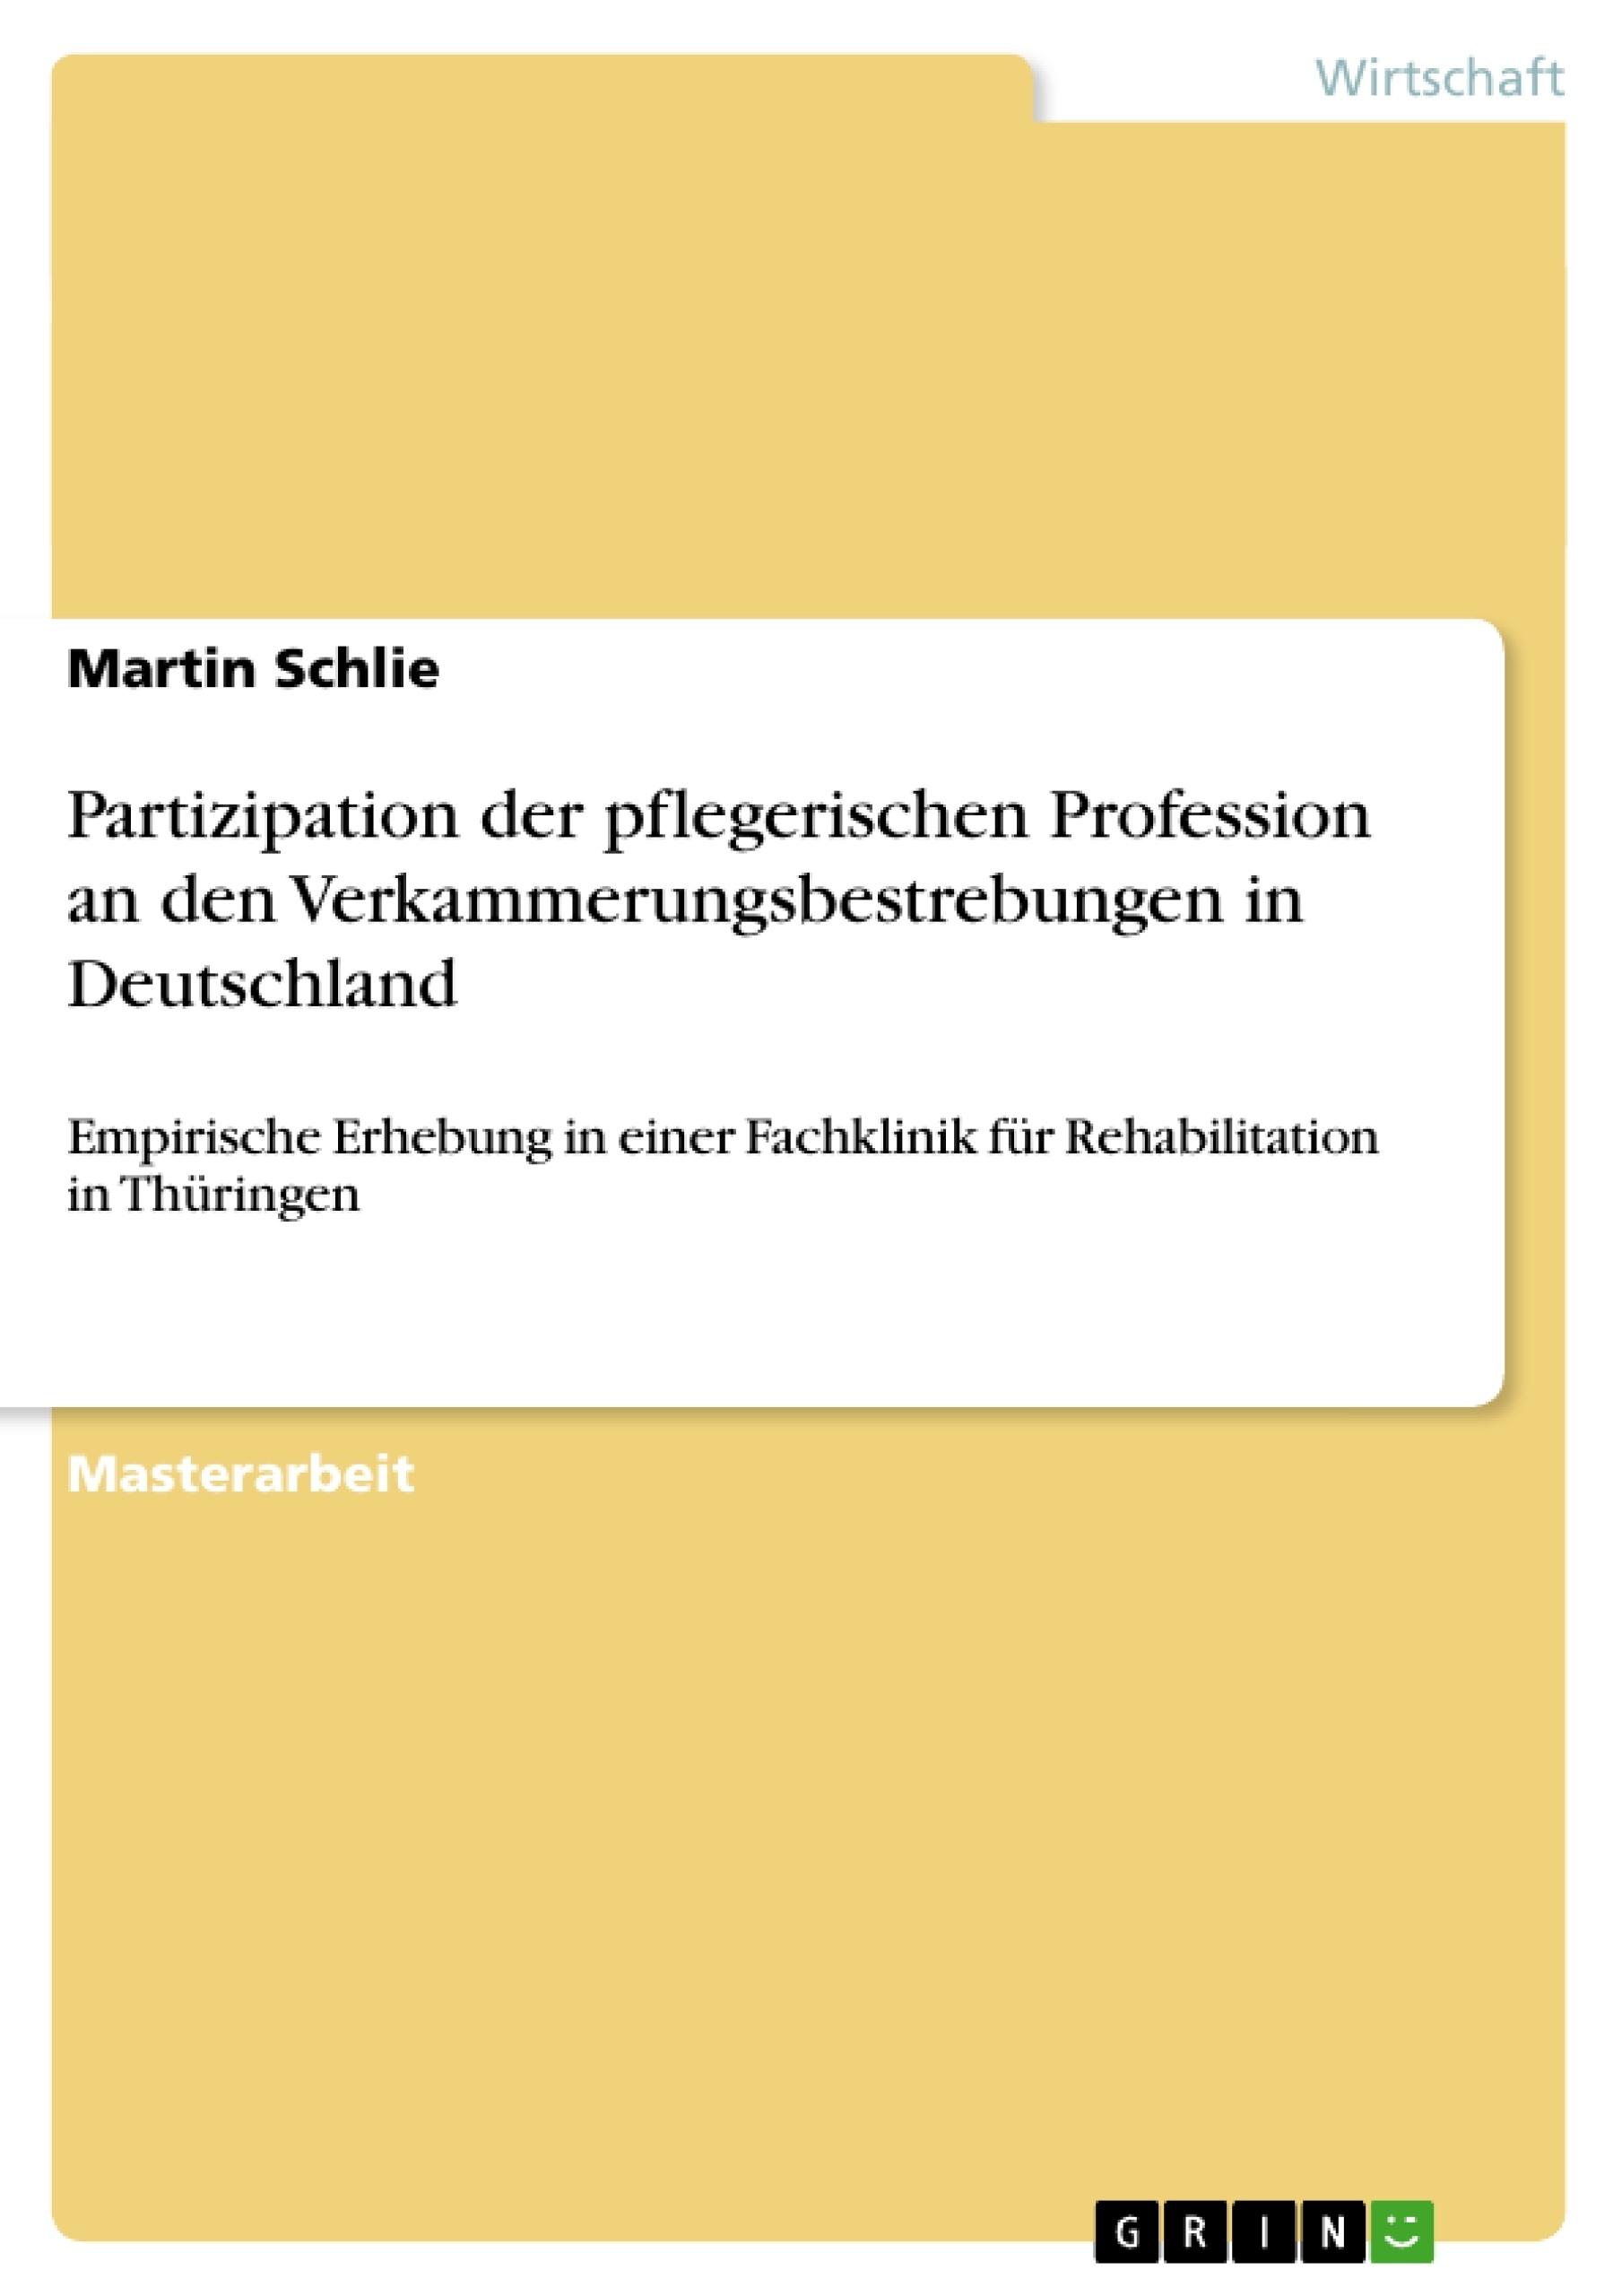 Titel: Partizipation der pflegerischen Profession an den Verkammerungsbestrebungen in Deutschland